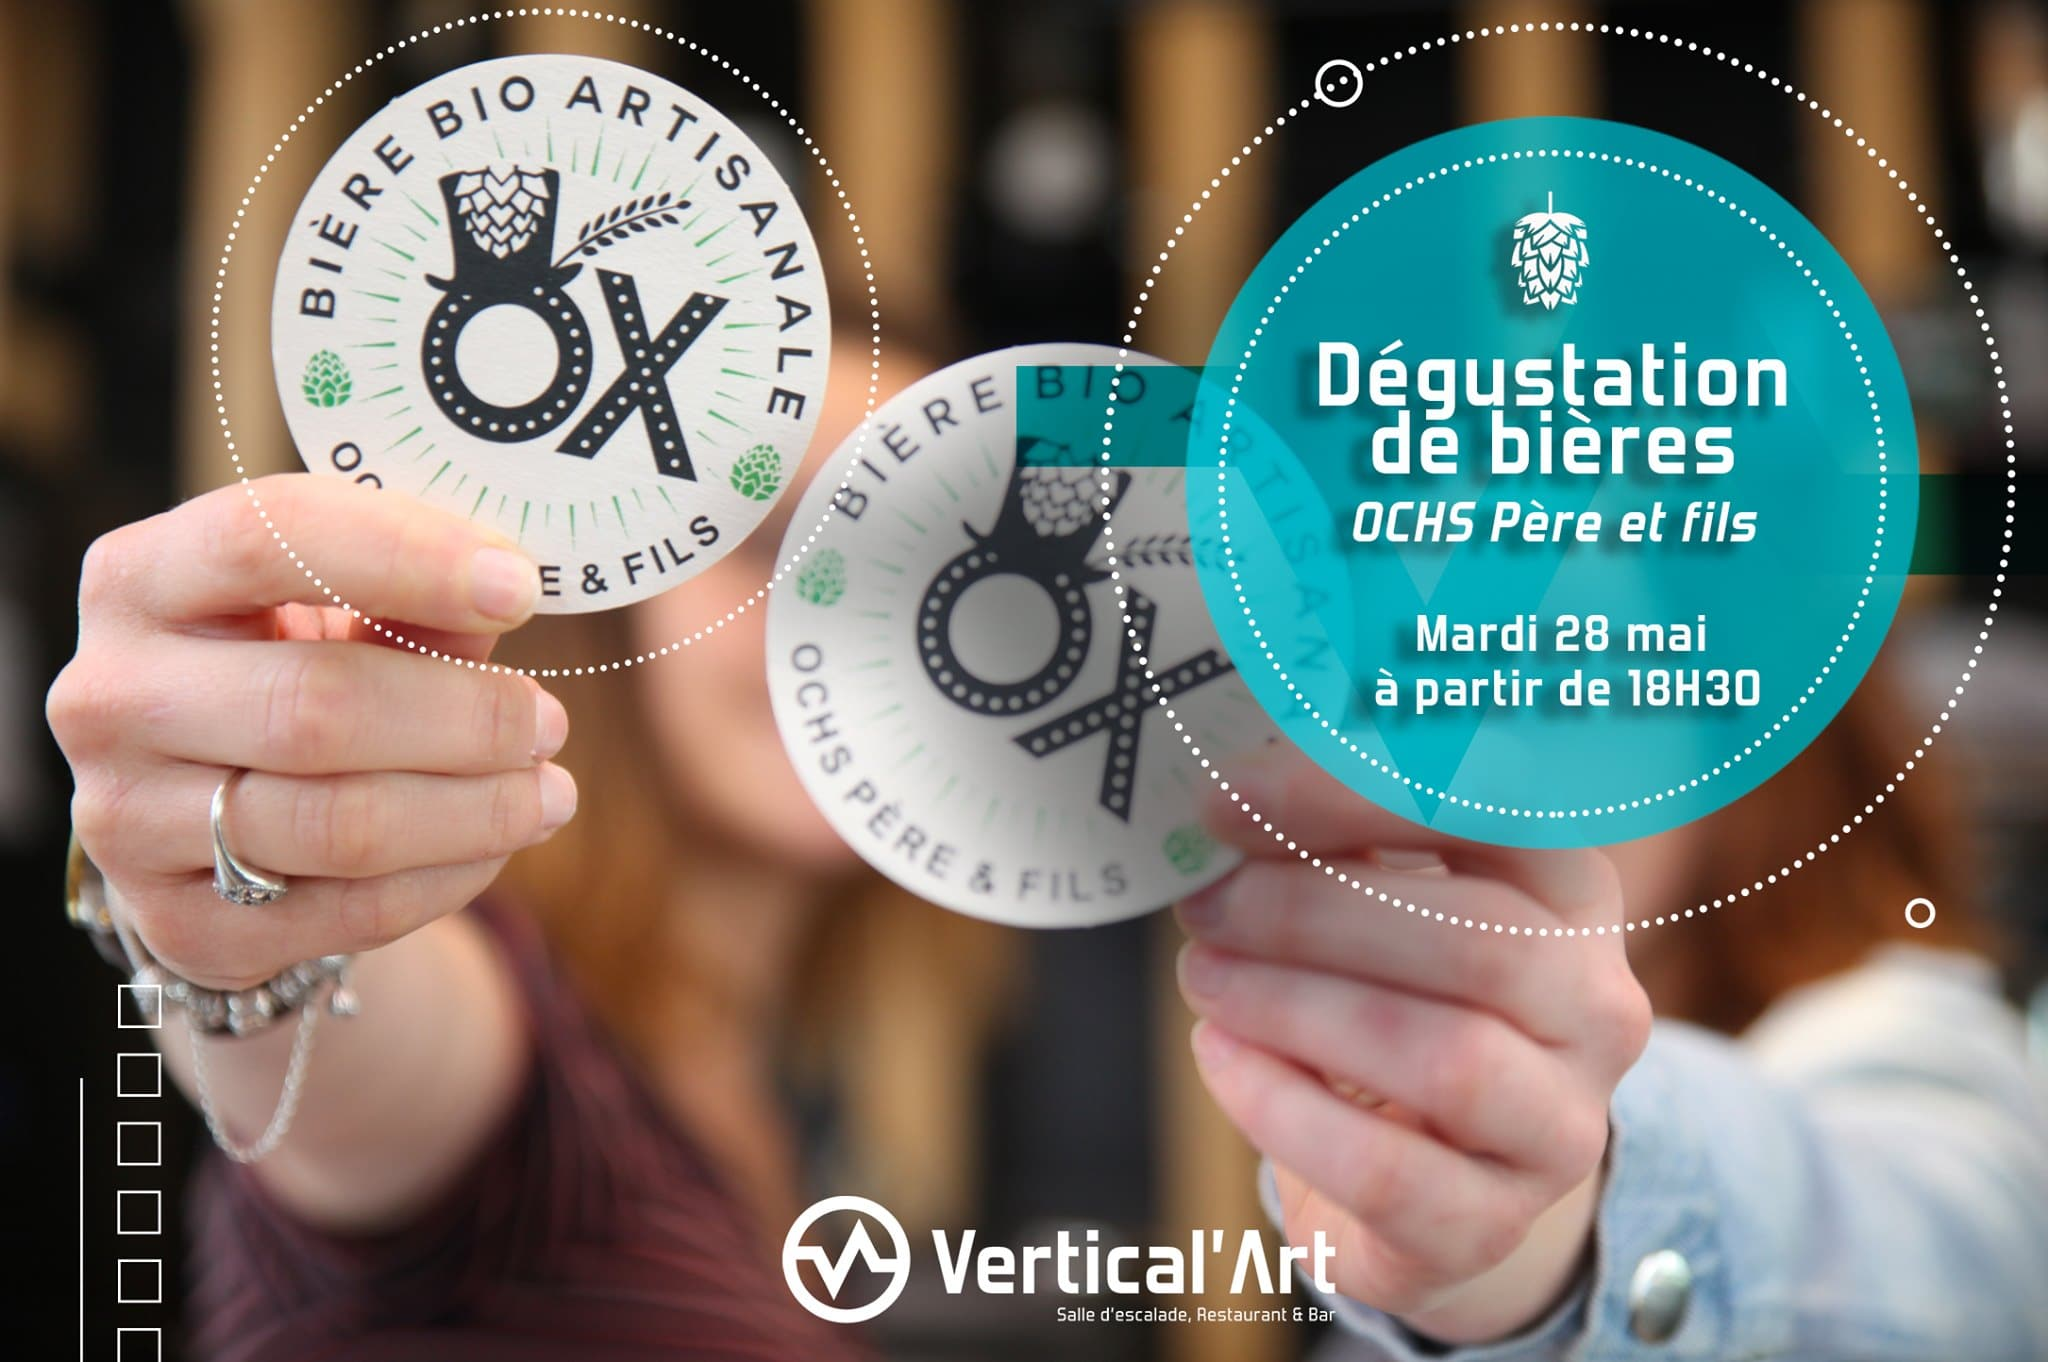 dégustation de bieres à vertical'art // saint quentin en yvelien / paris / salle d'escalade de bloc / restaurant / bar / grimper / dégustation / vertical'art paris / saint-quentin-en-yveline /